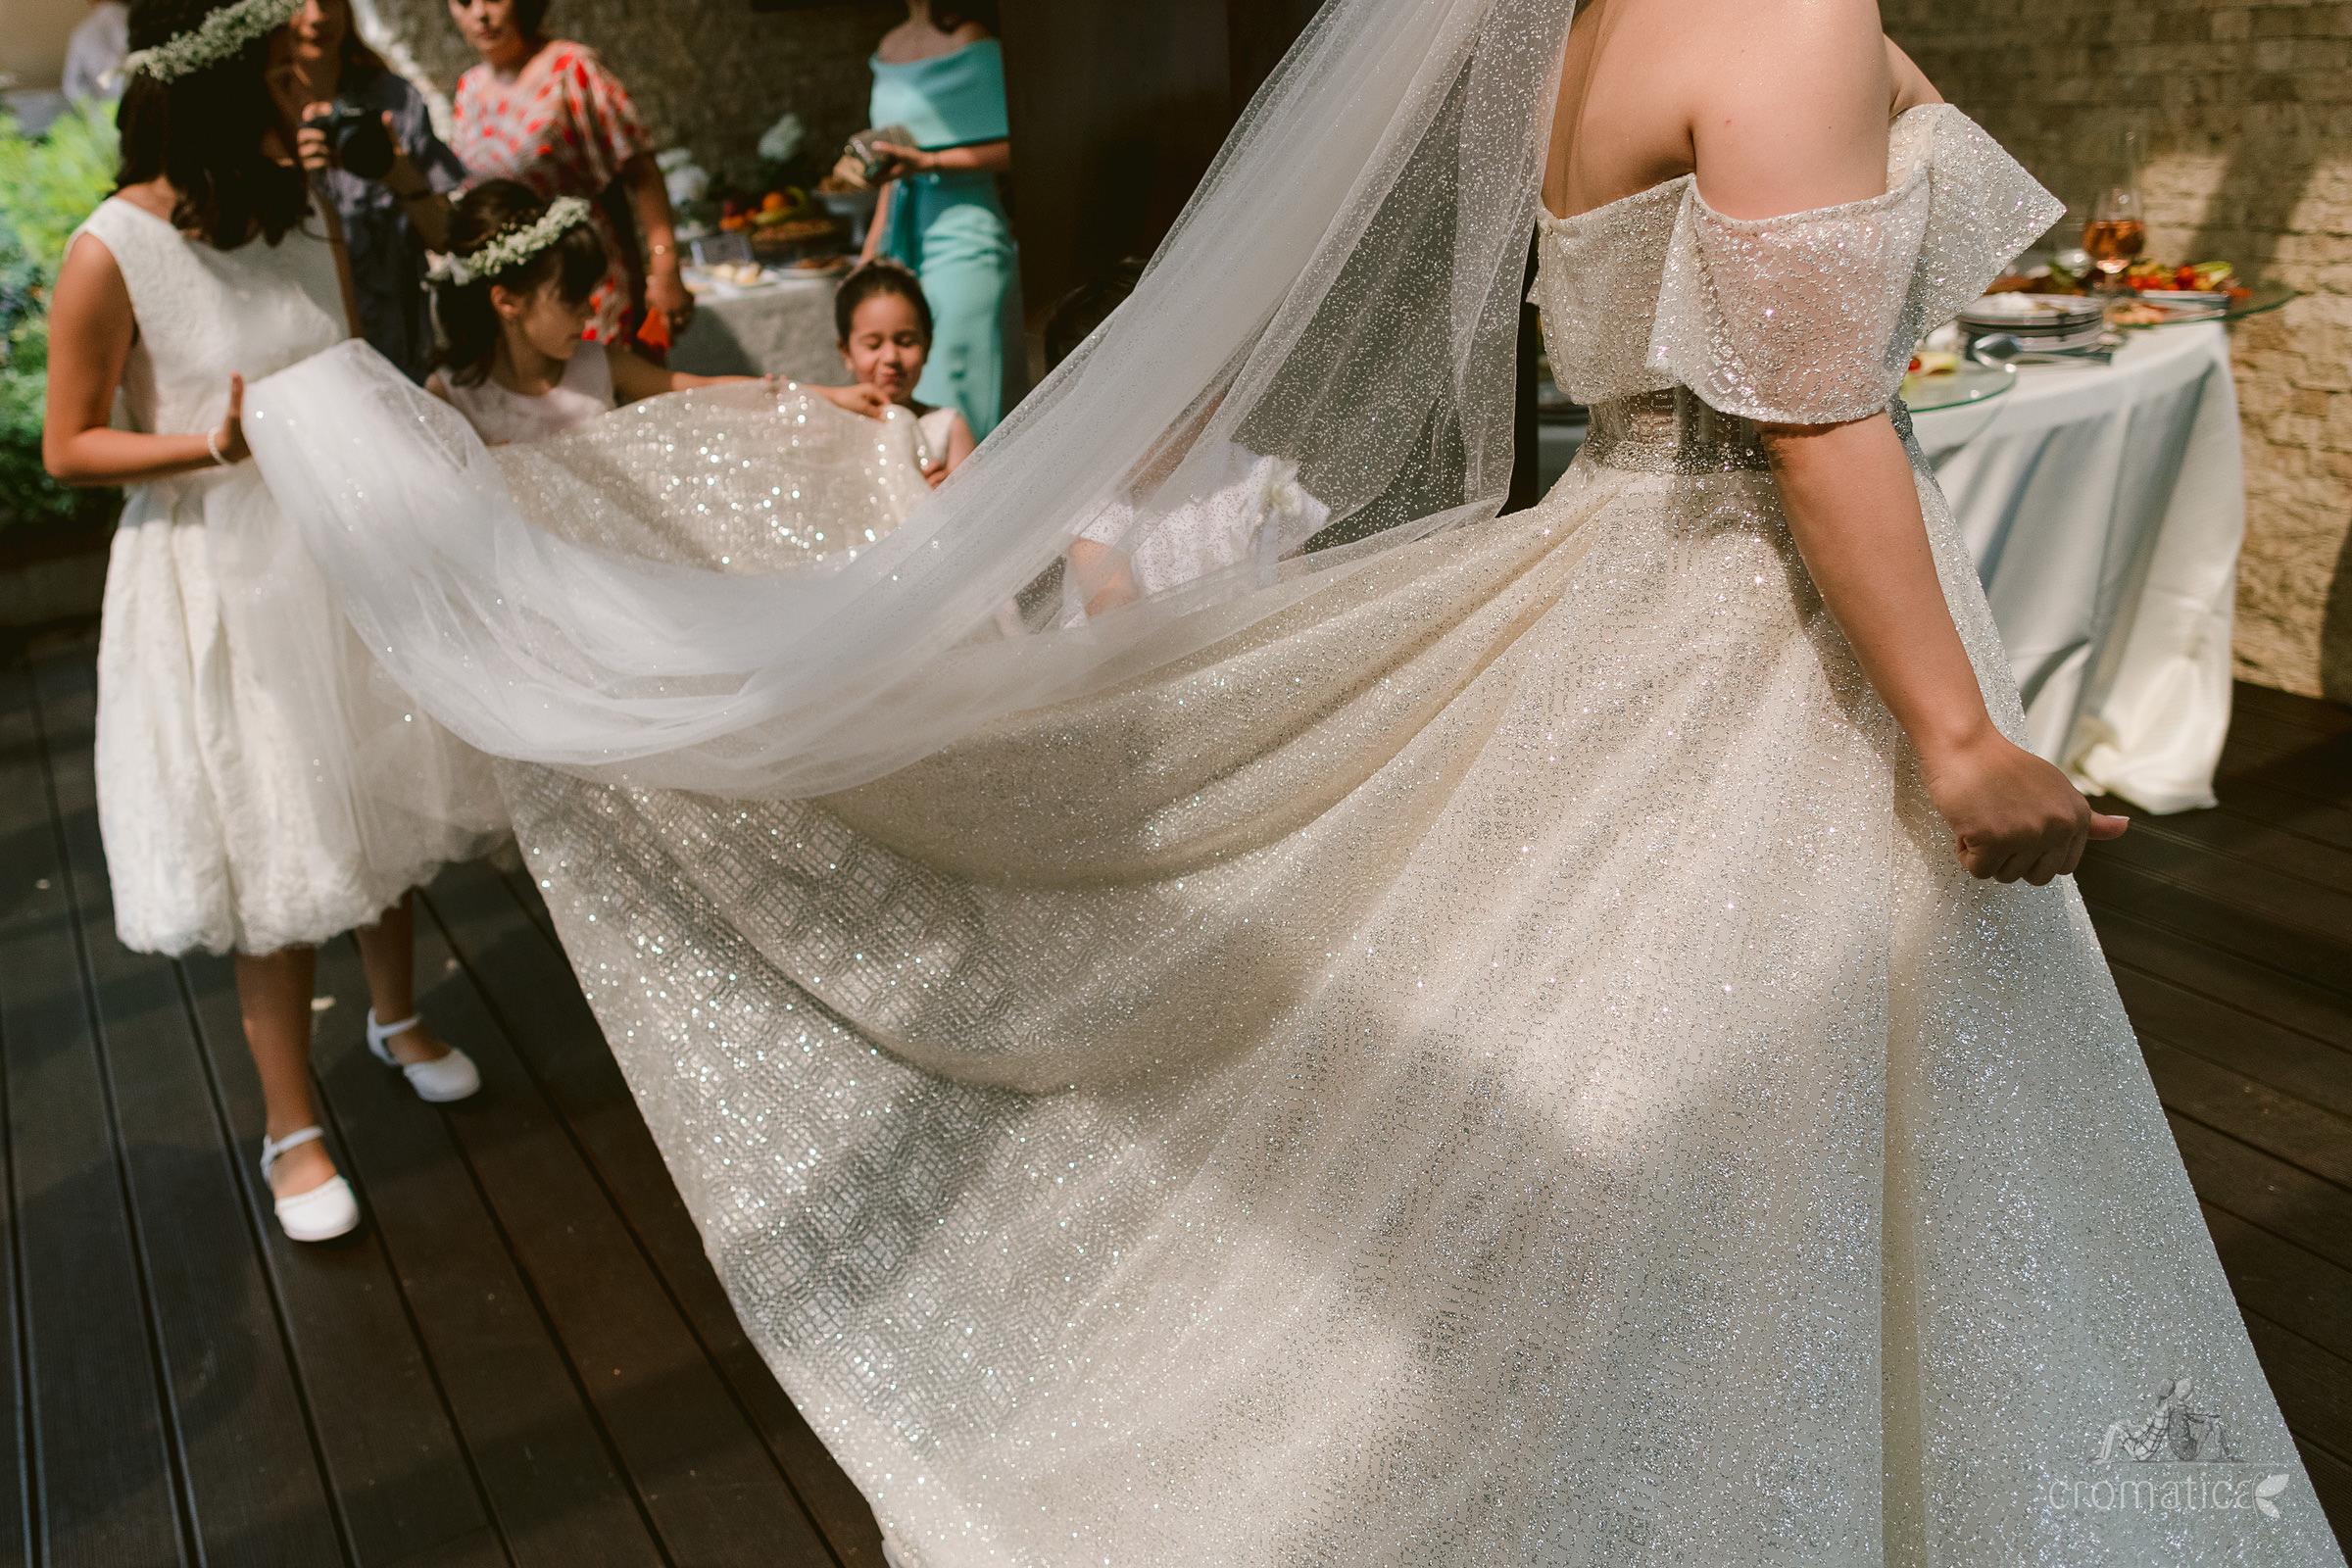 oana alex fotografii nunta rm valcea 017